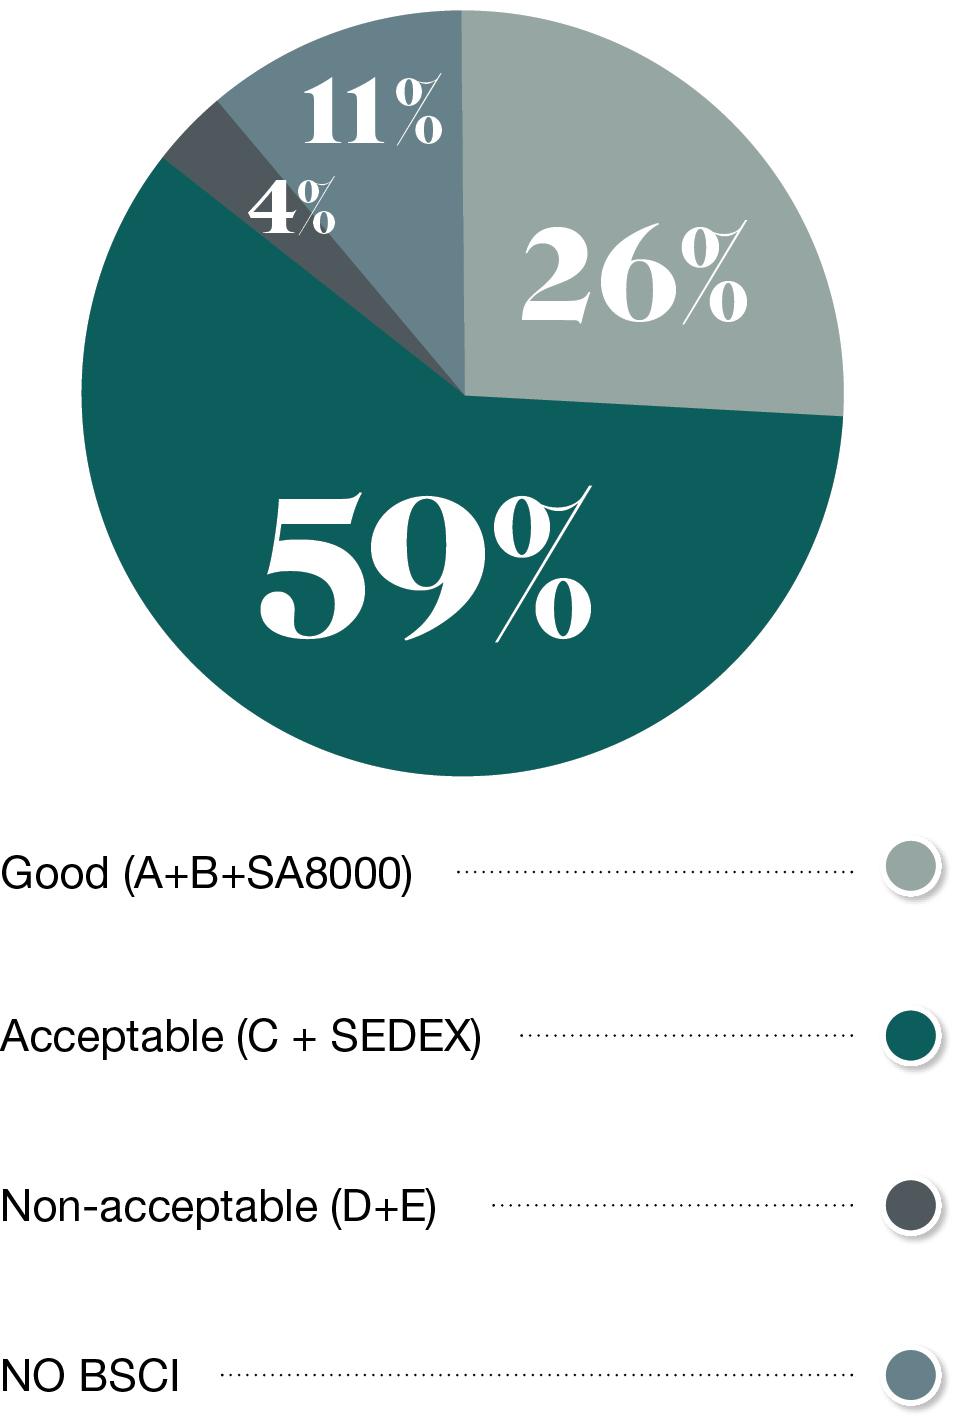 CSR BSCI top 50